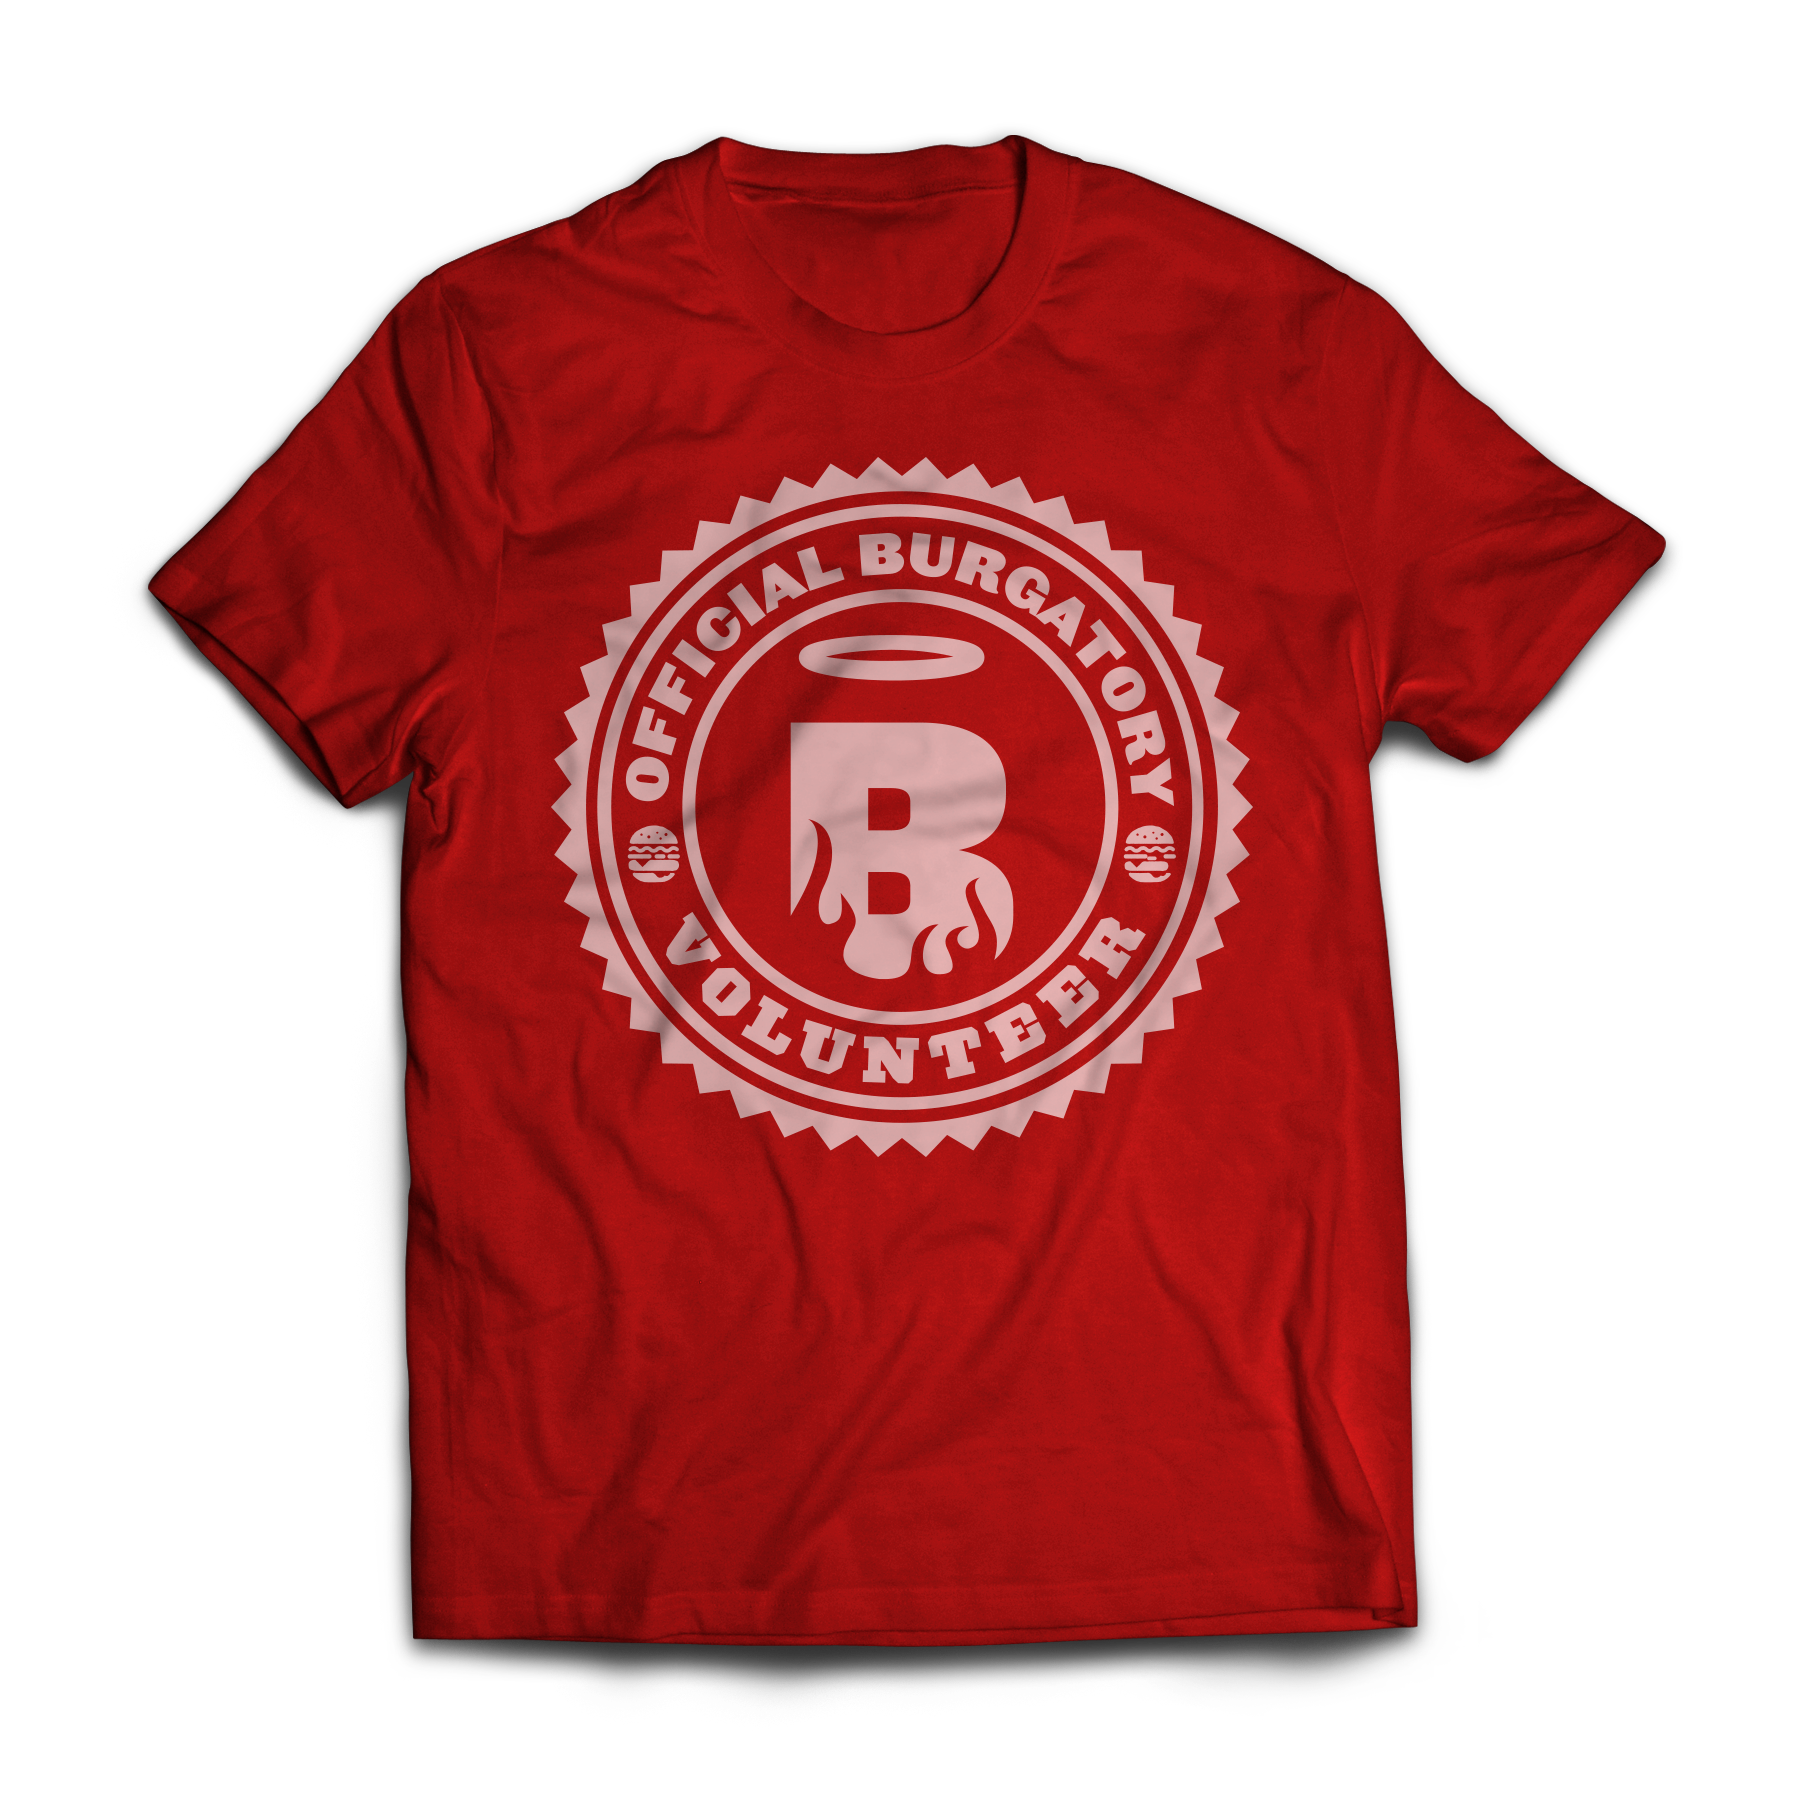 burgatory_restaurant_branding_ bootstrap_design_co